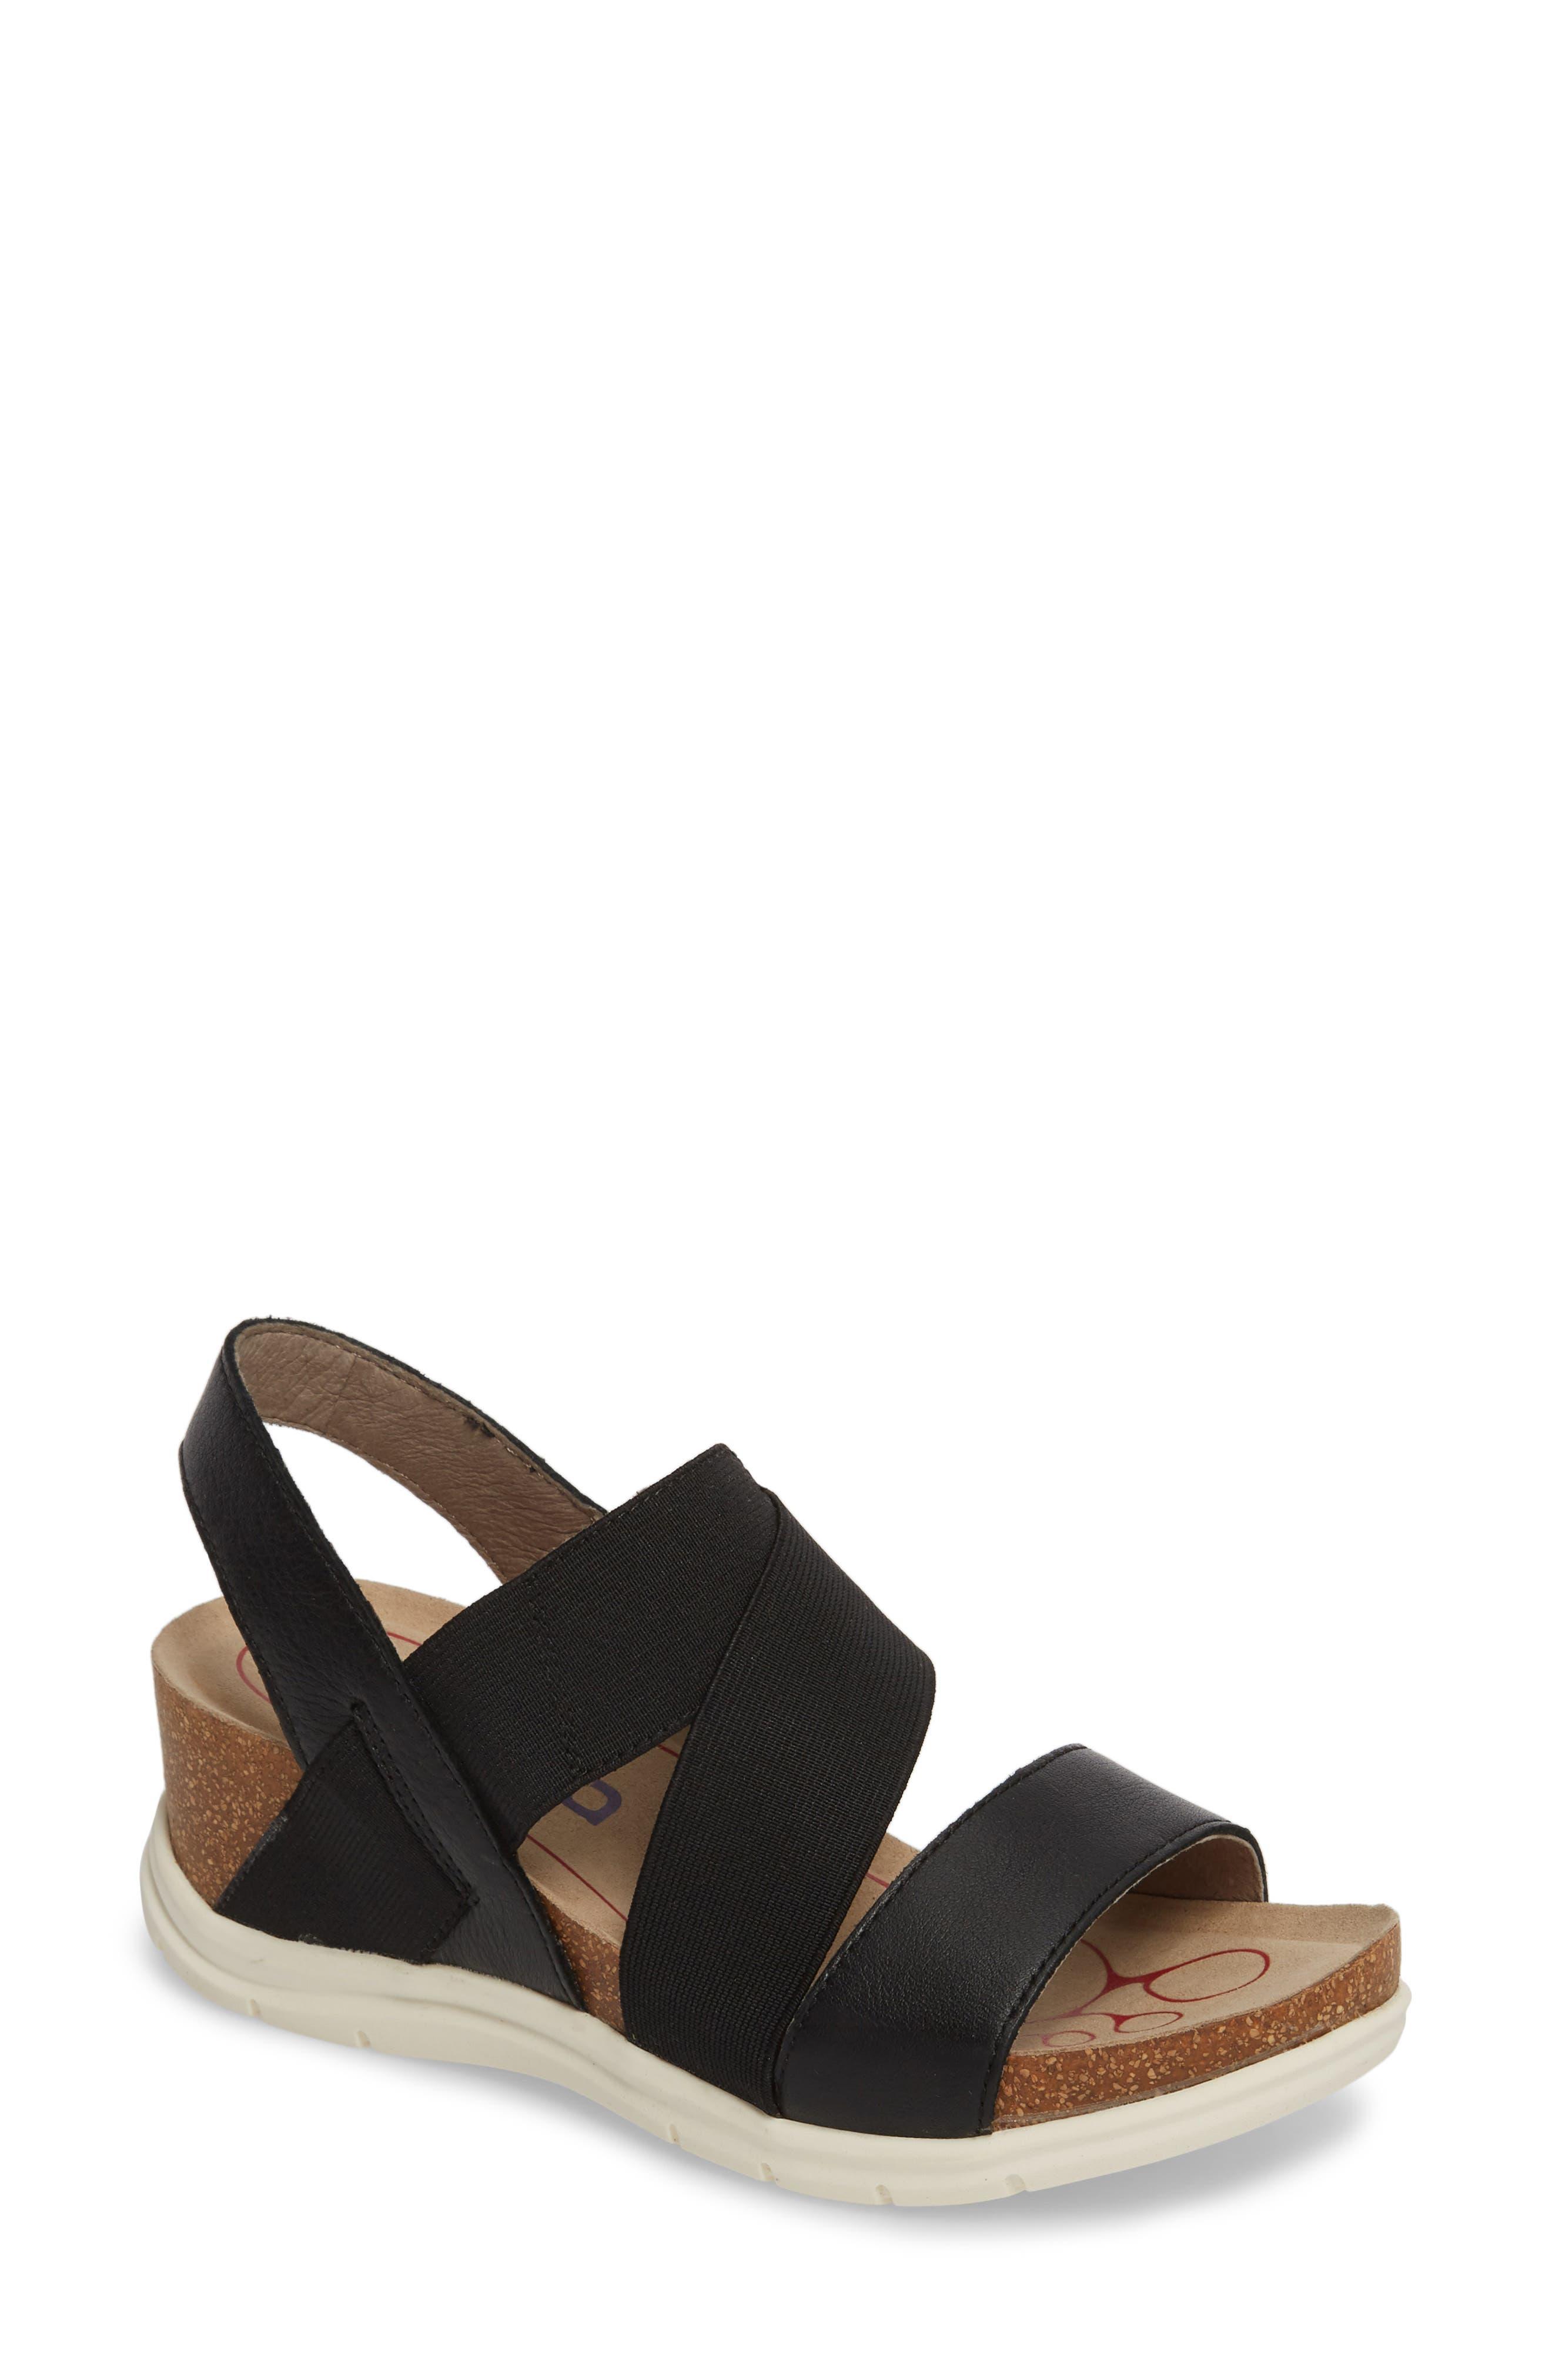 Paisley Wedge Sandal,                             Main thumbnail 1, color,